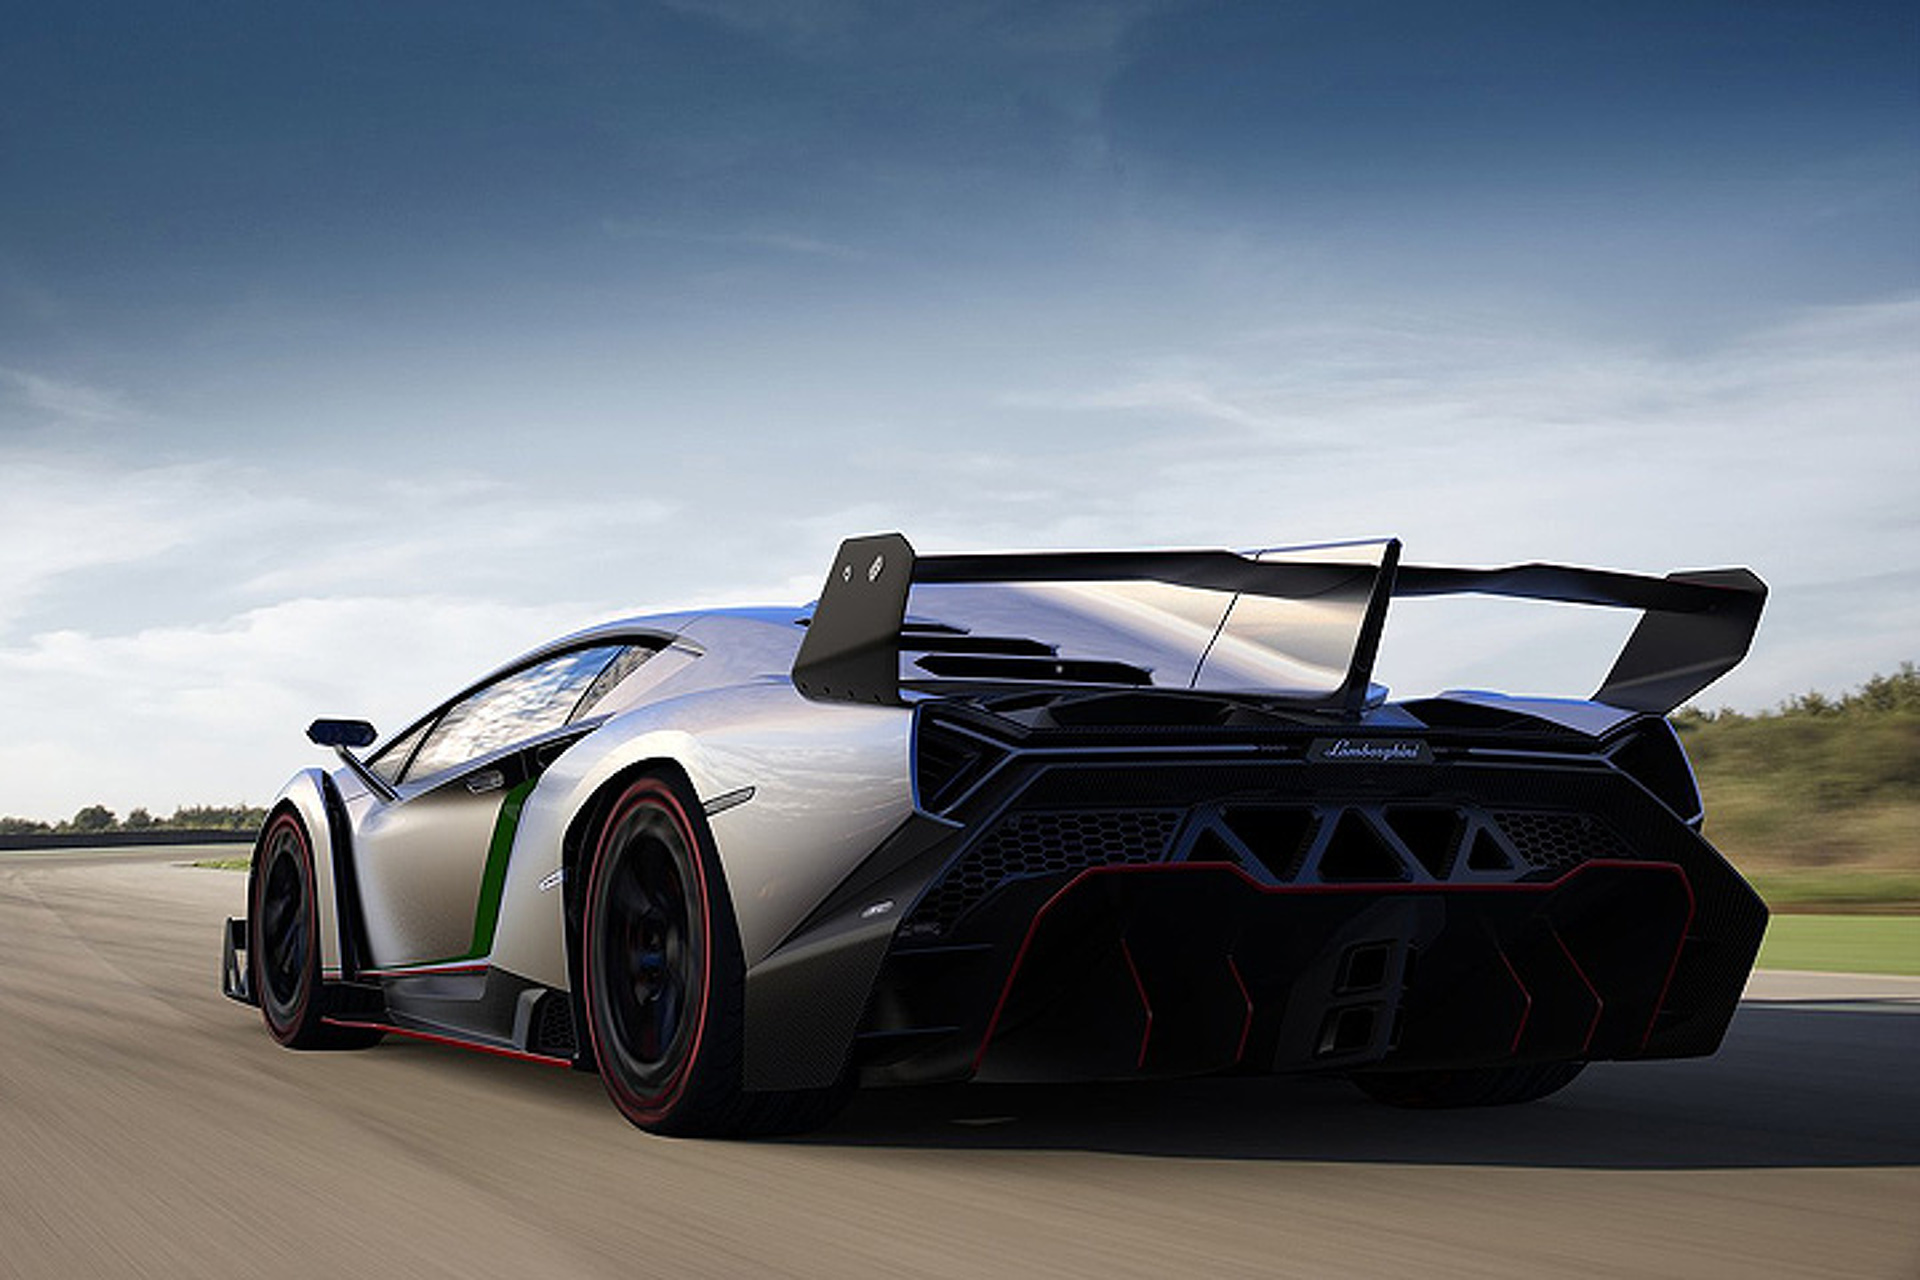 Mysterious Lamborghini Centenario Supercar Has Already Sold Out